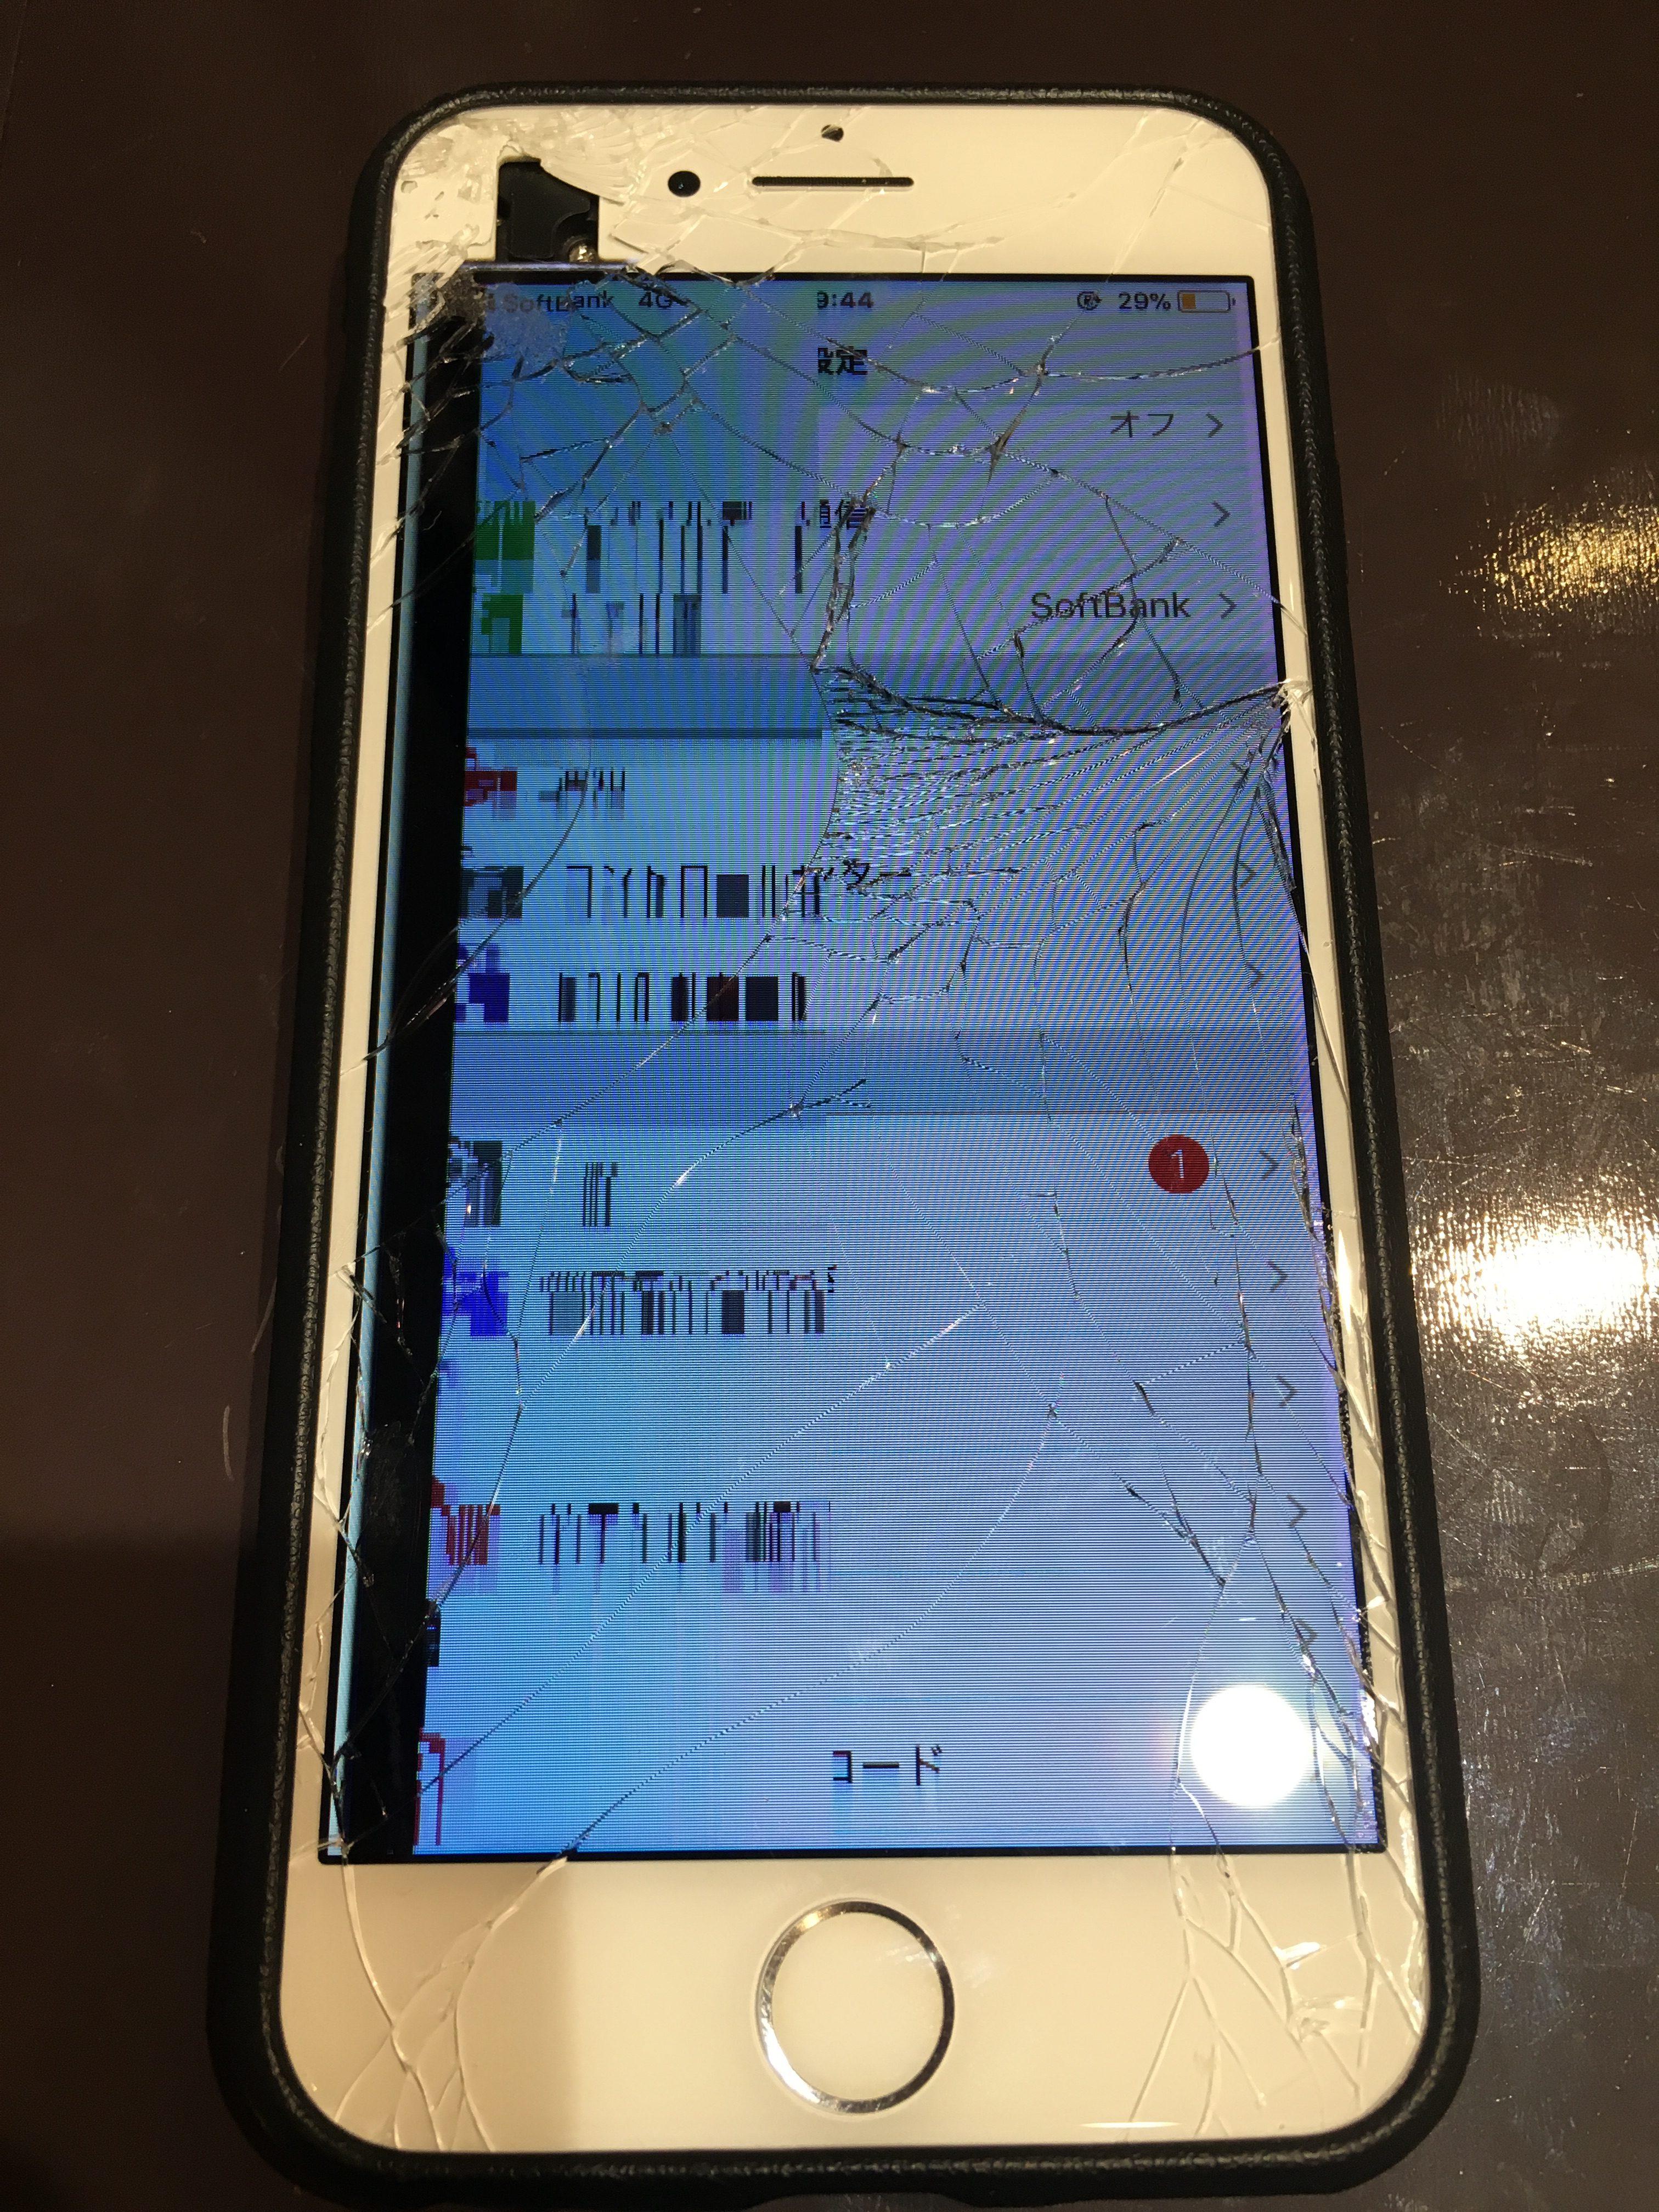 画面バキバキで勝手に動く?!即日修理でデータそのまま! 尼崎市のiPhone・iPad修理屋 スマートクールつかしん店 【iphone6S】画面交換修理 《伊丹市立花からのご来店》